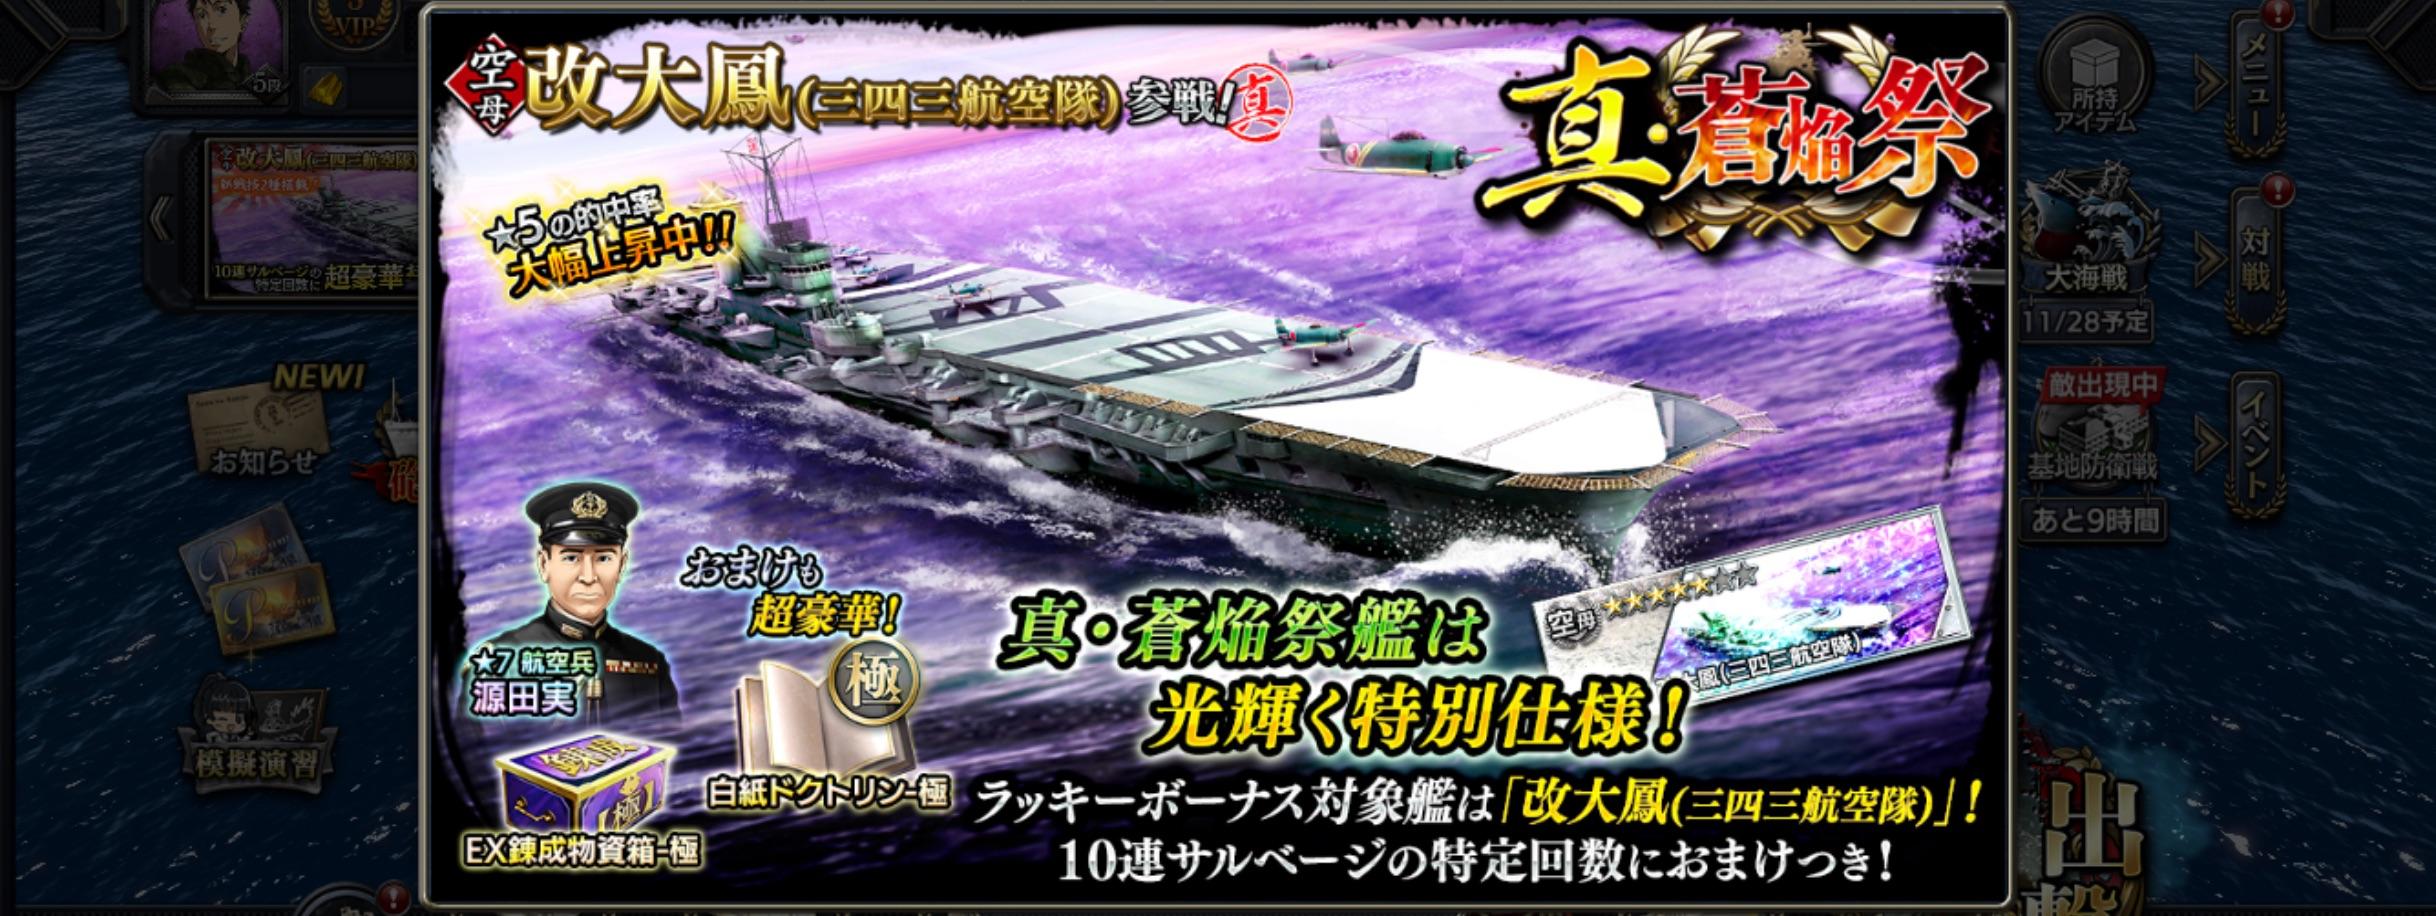 aircraft-carrier:KT343